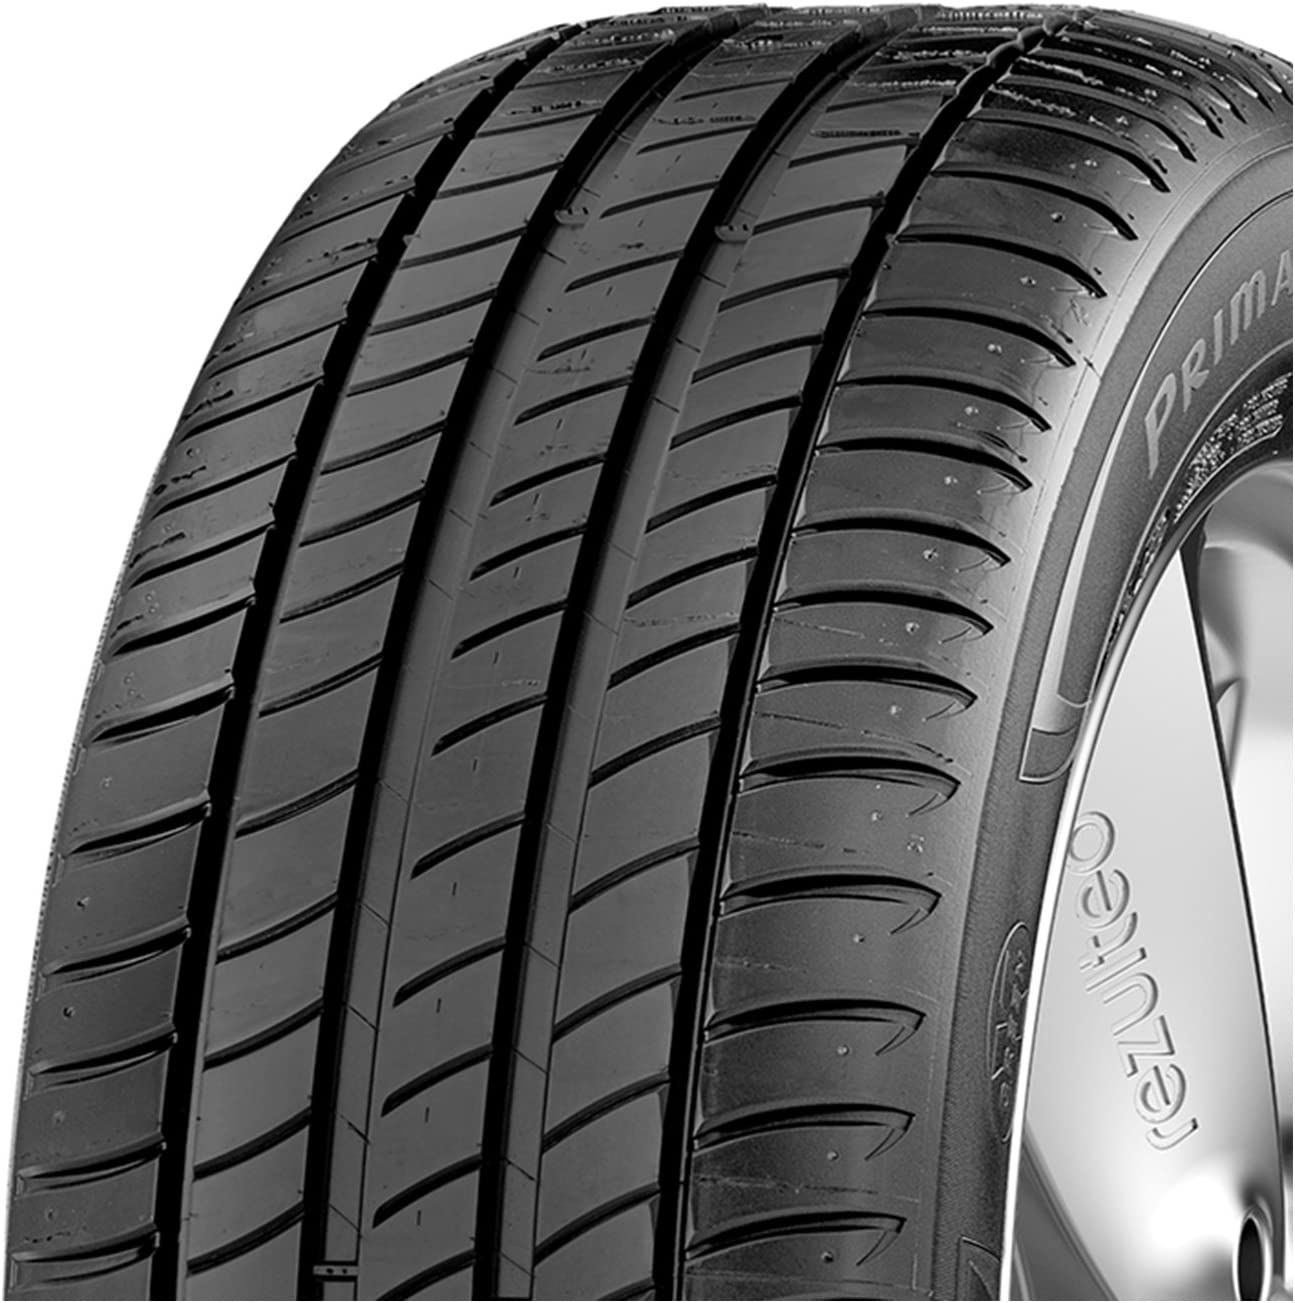 Michelin Primacy 3 EL FSL 22550R17